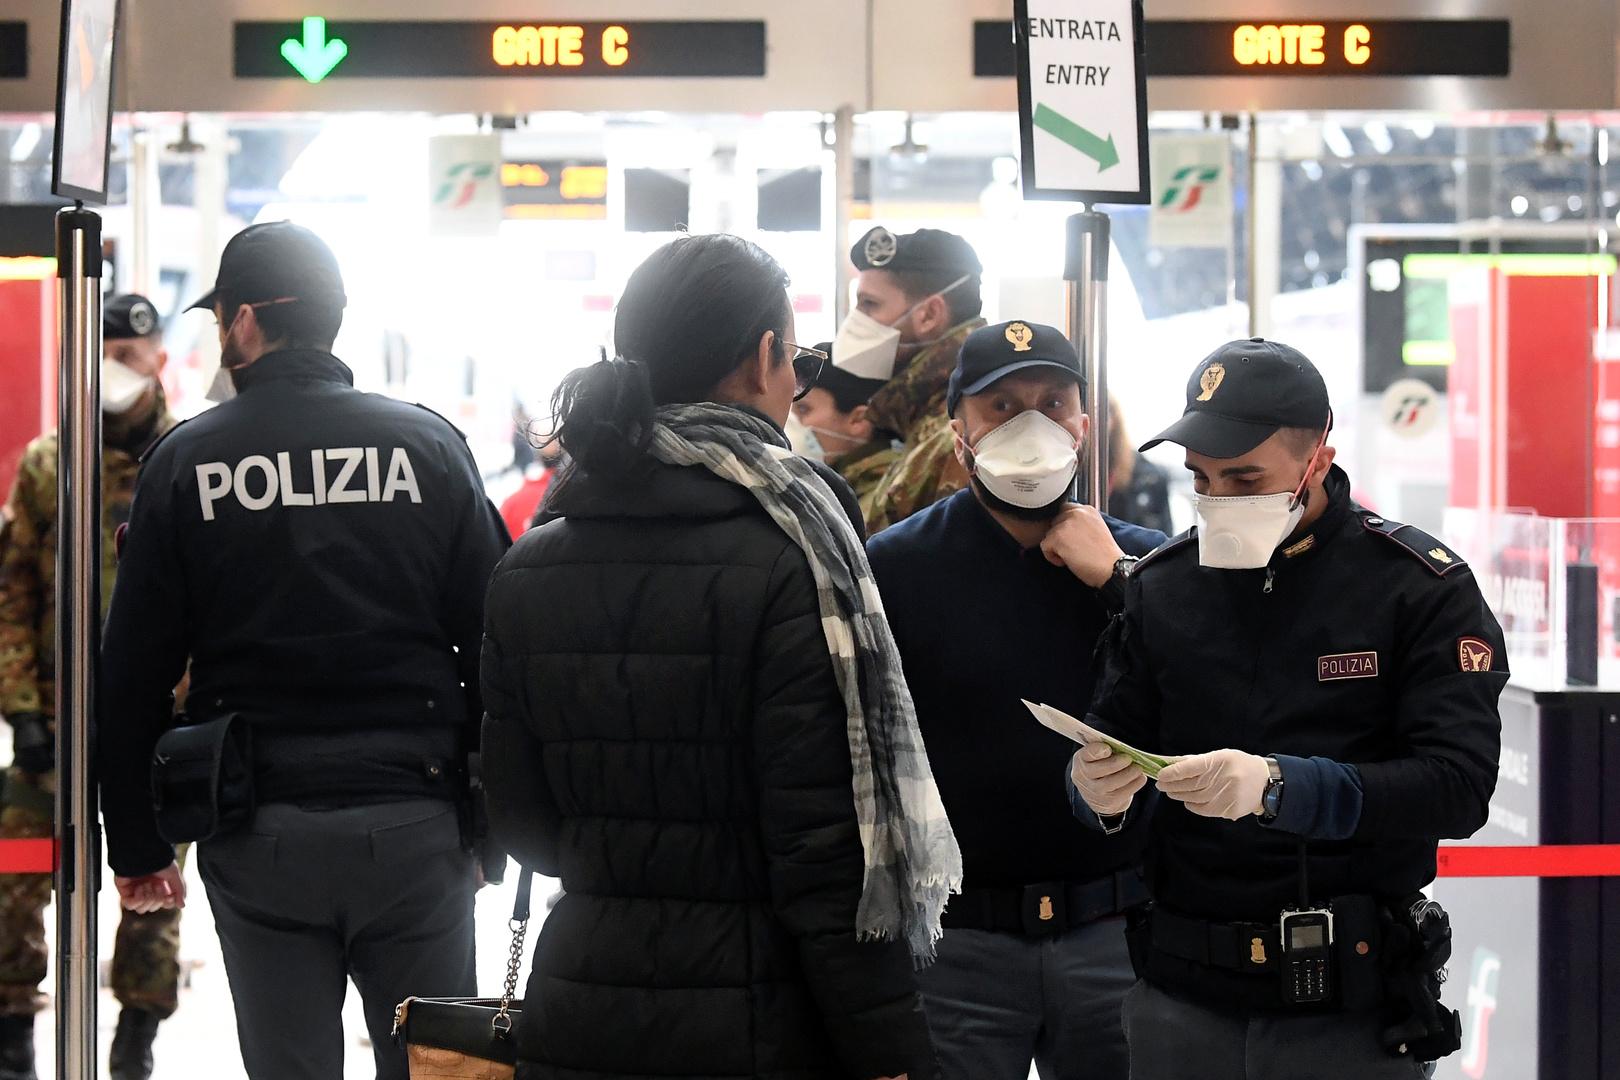 Polizeibeamte führen Personenkontrollen am Mailänder Hauptbahnhof durch